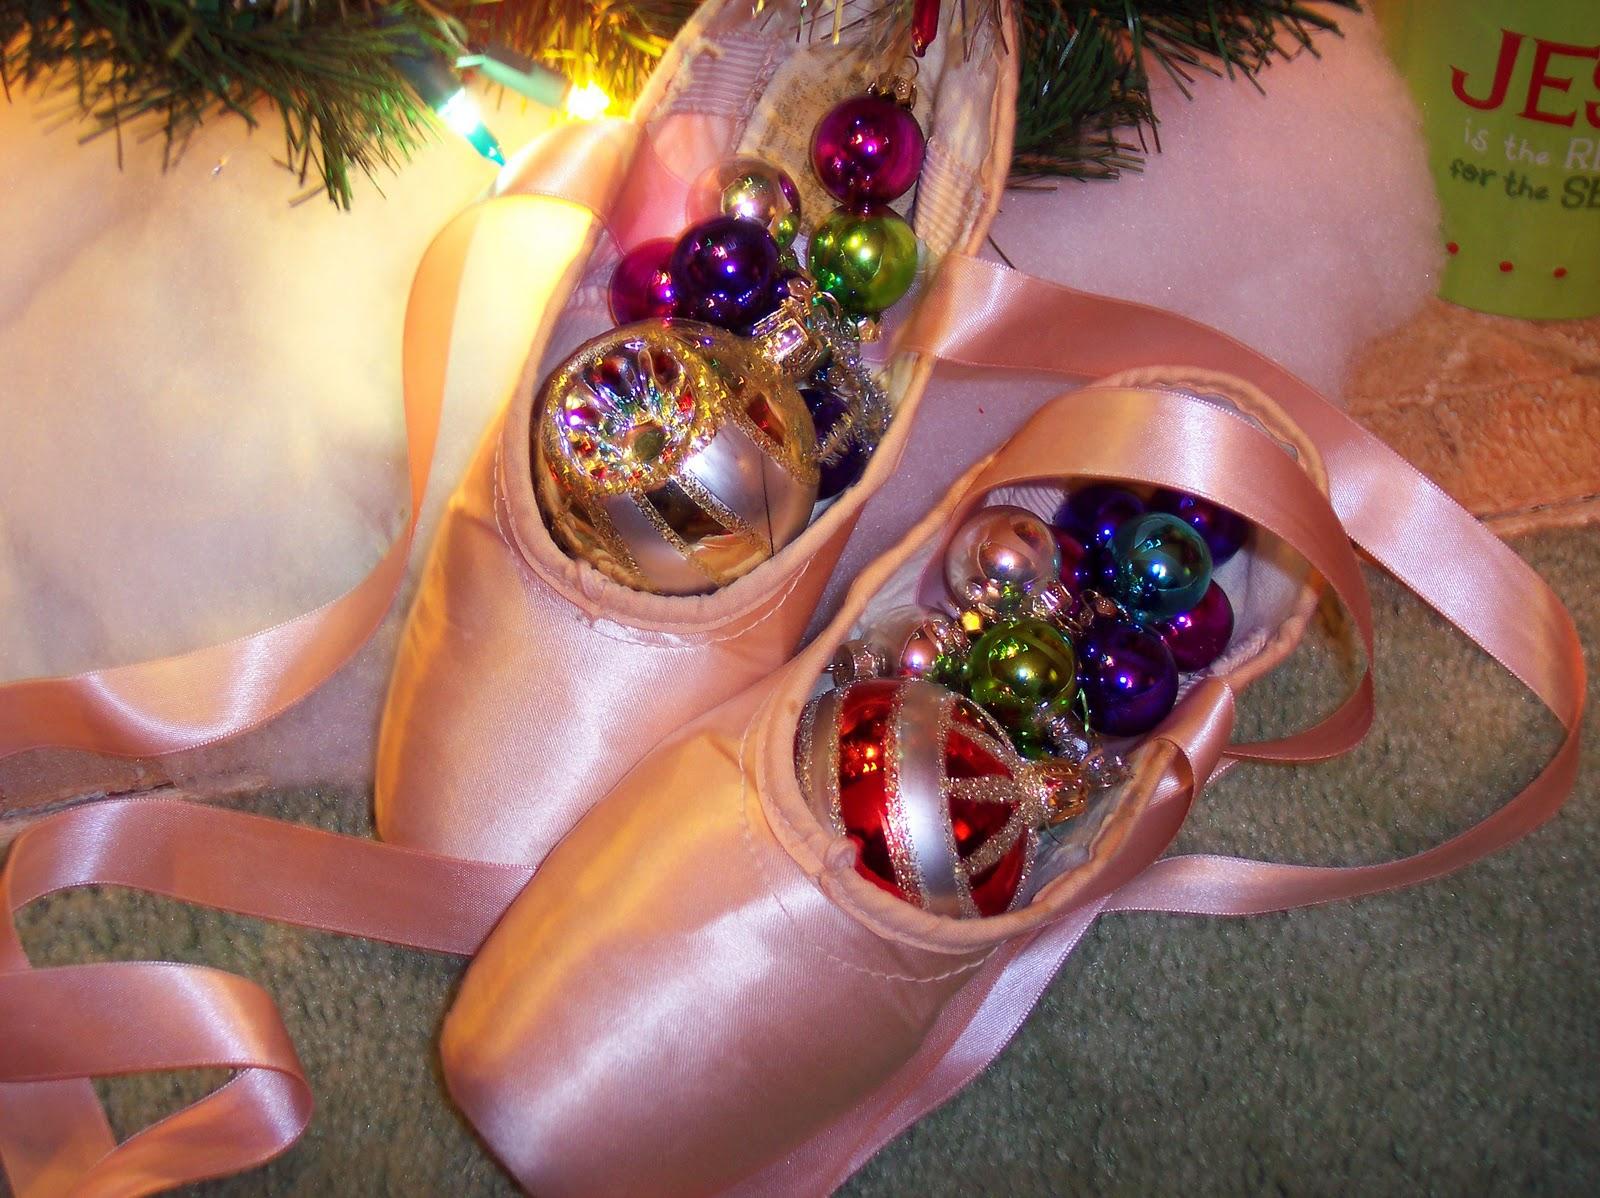 http://3.bp.blogspot.com/_NubYojN1JwM/TStlYA4fw0I/AAAAAAAACYE/PYOlv1el8oA/s1600/Free+Ballet+Pointe+Shoe+Wallpaper+2+1-10-11.jpg